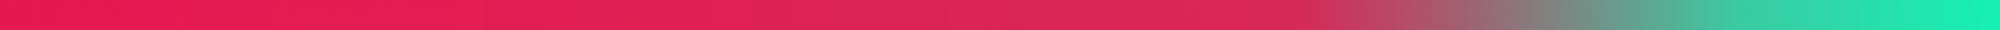 BLOOD-AND-VENEER-gradient